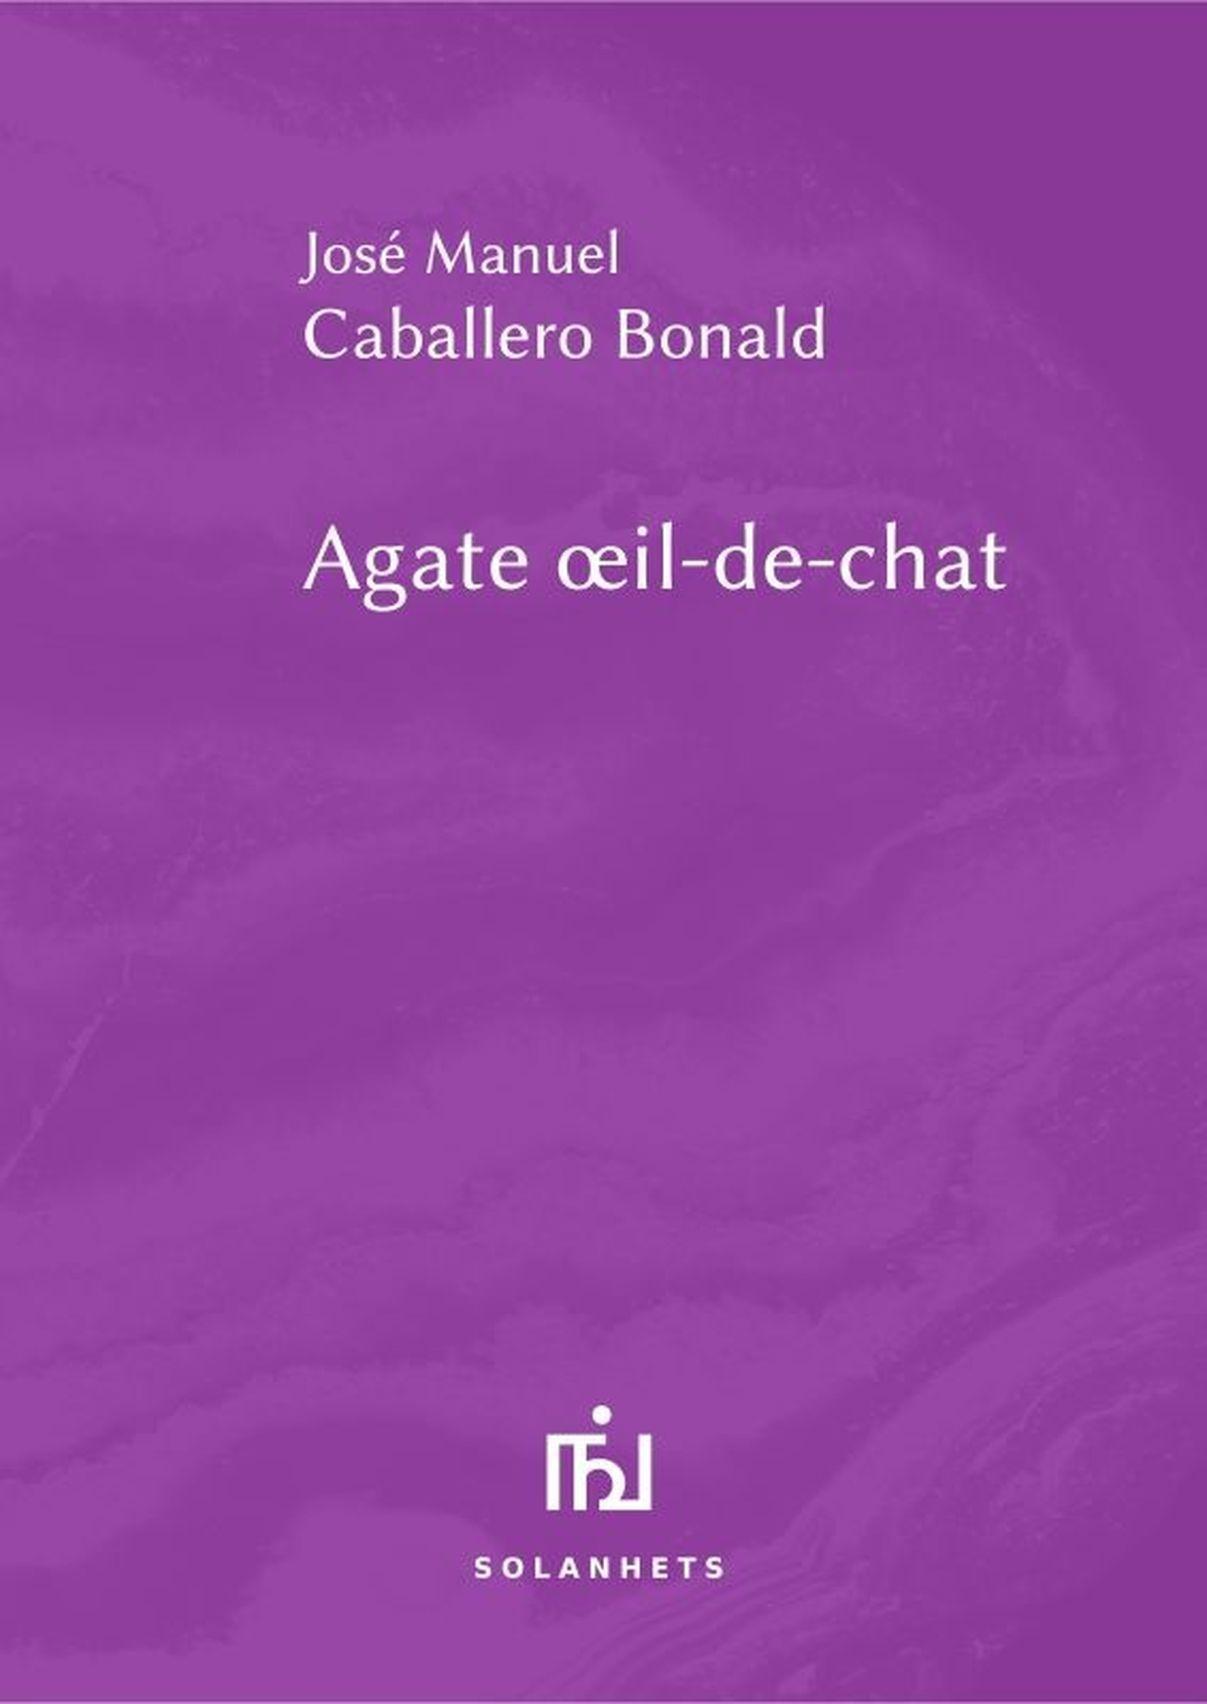 AGATE OEIL-DE-CHAT